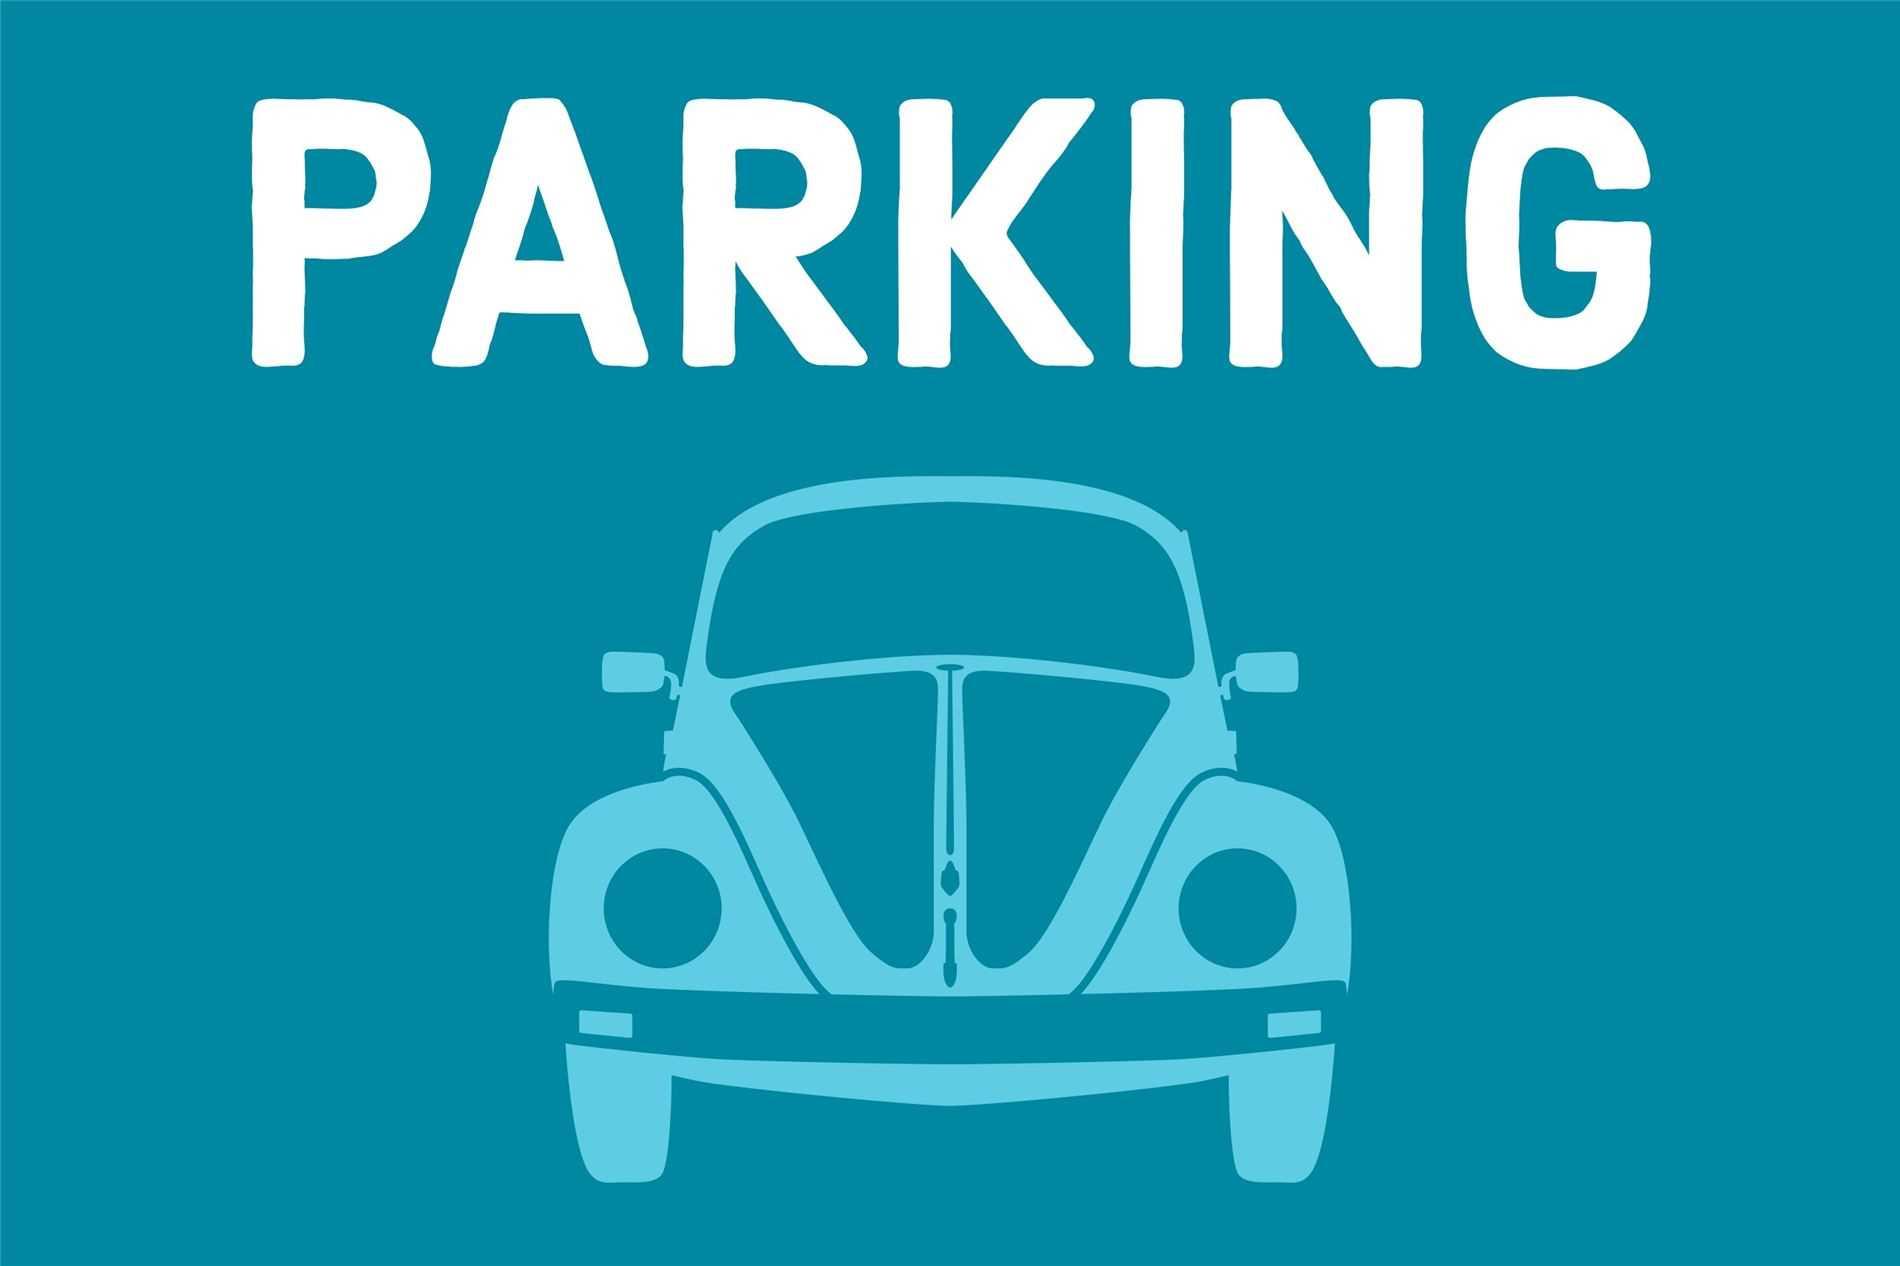 parking-85-queens-wharf-rd